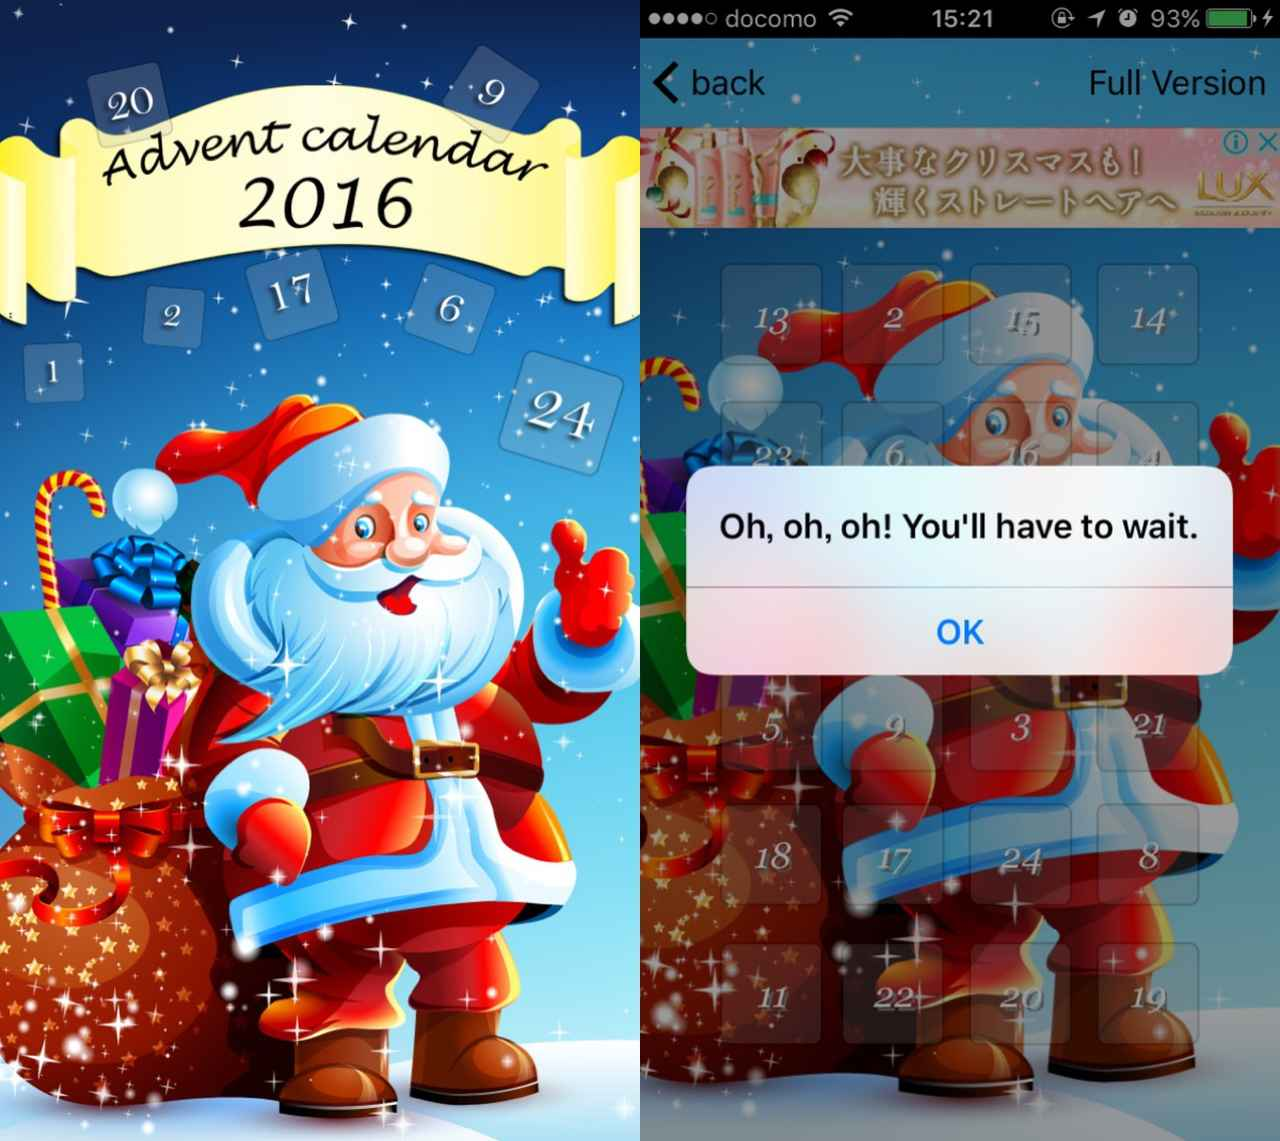 画像: サンタクロースとカウントダウン!スタンダードなアドベントカレンダー。